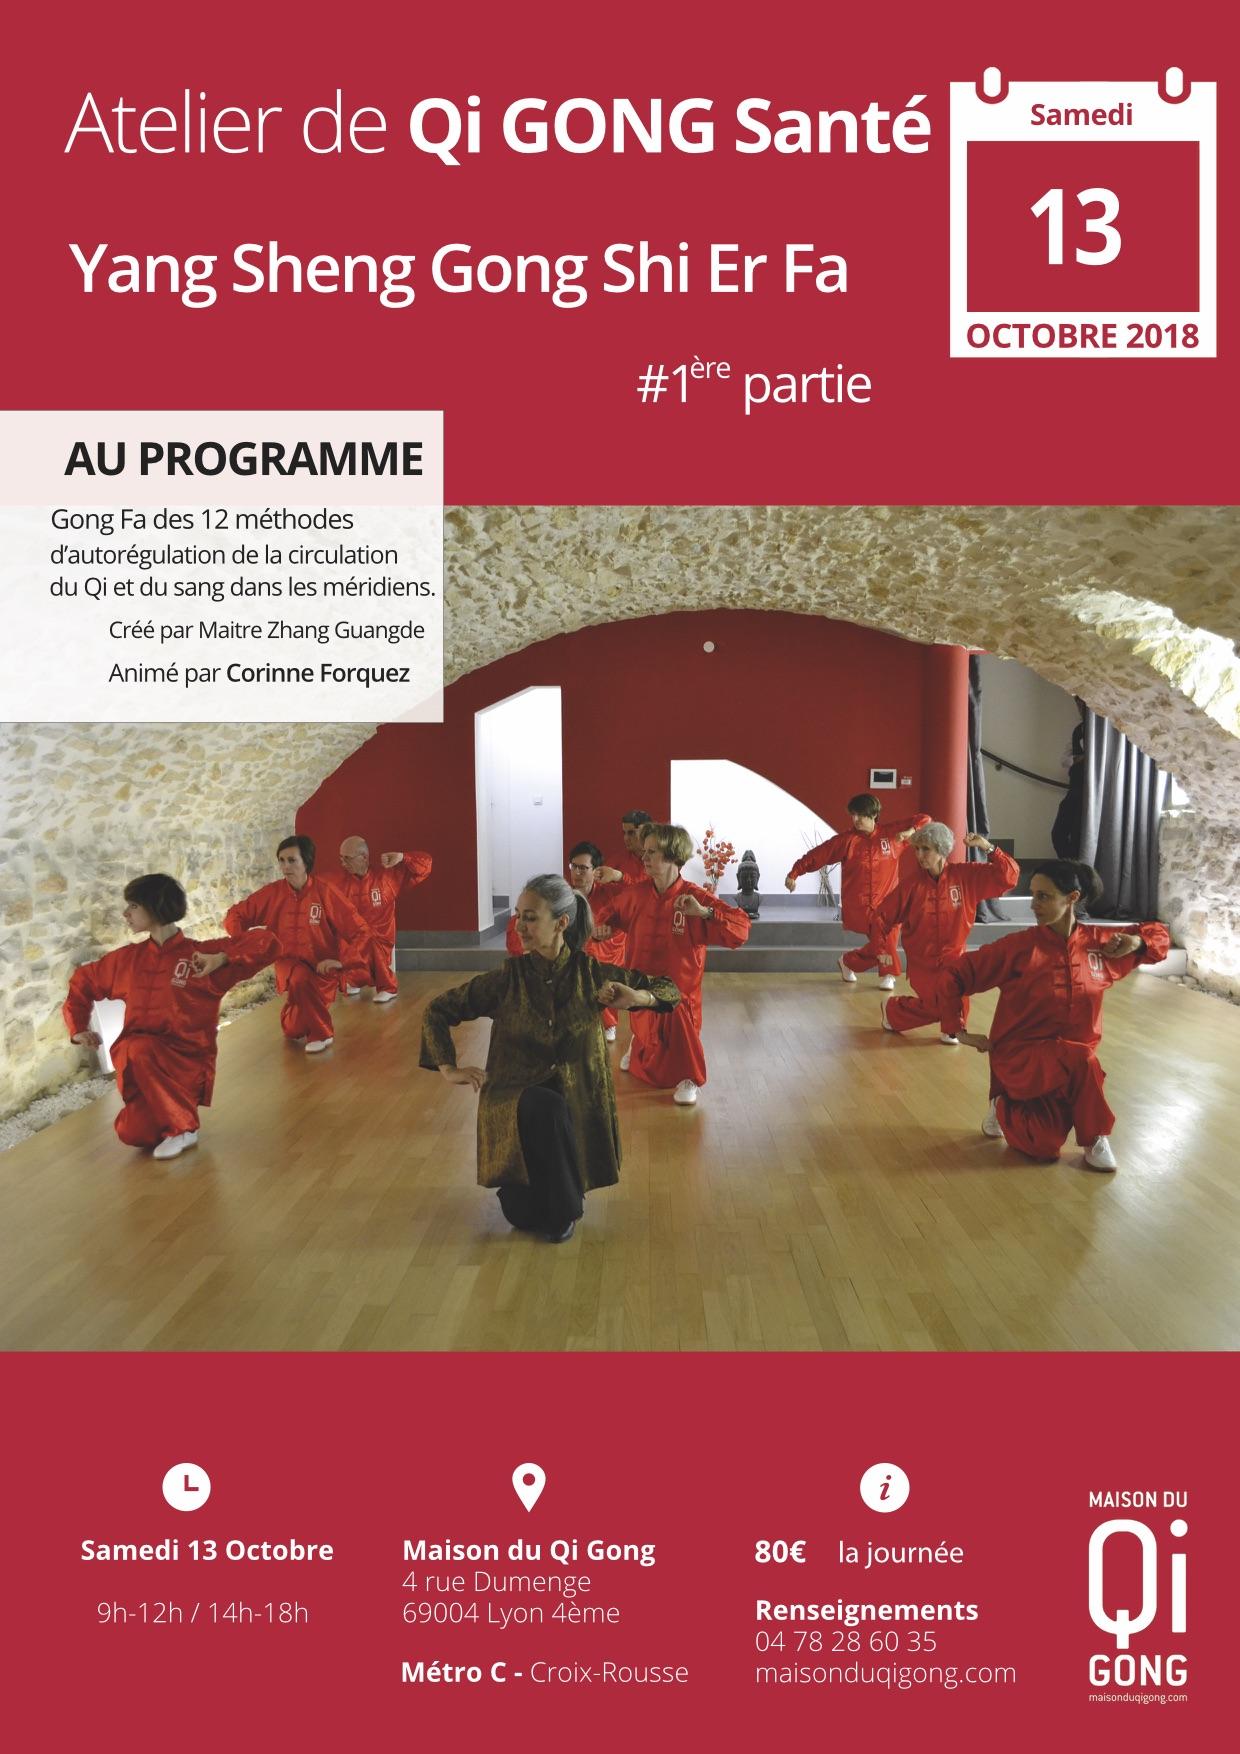 affiche Yang Sheng Gong Shi Er Fa 1ere partie